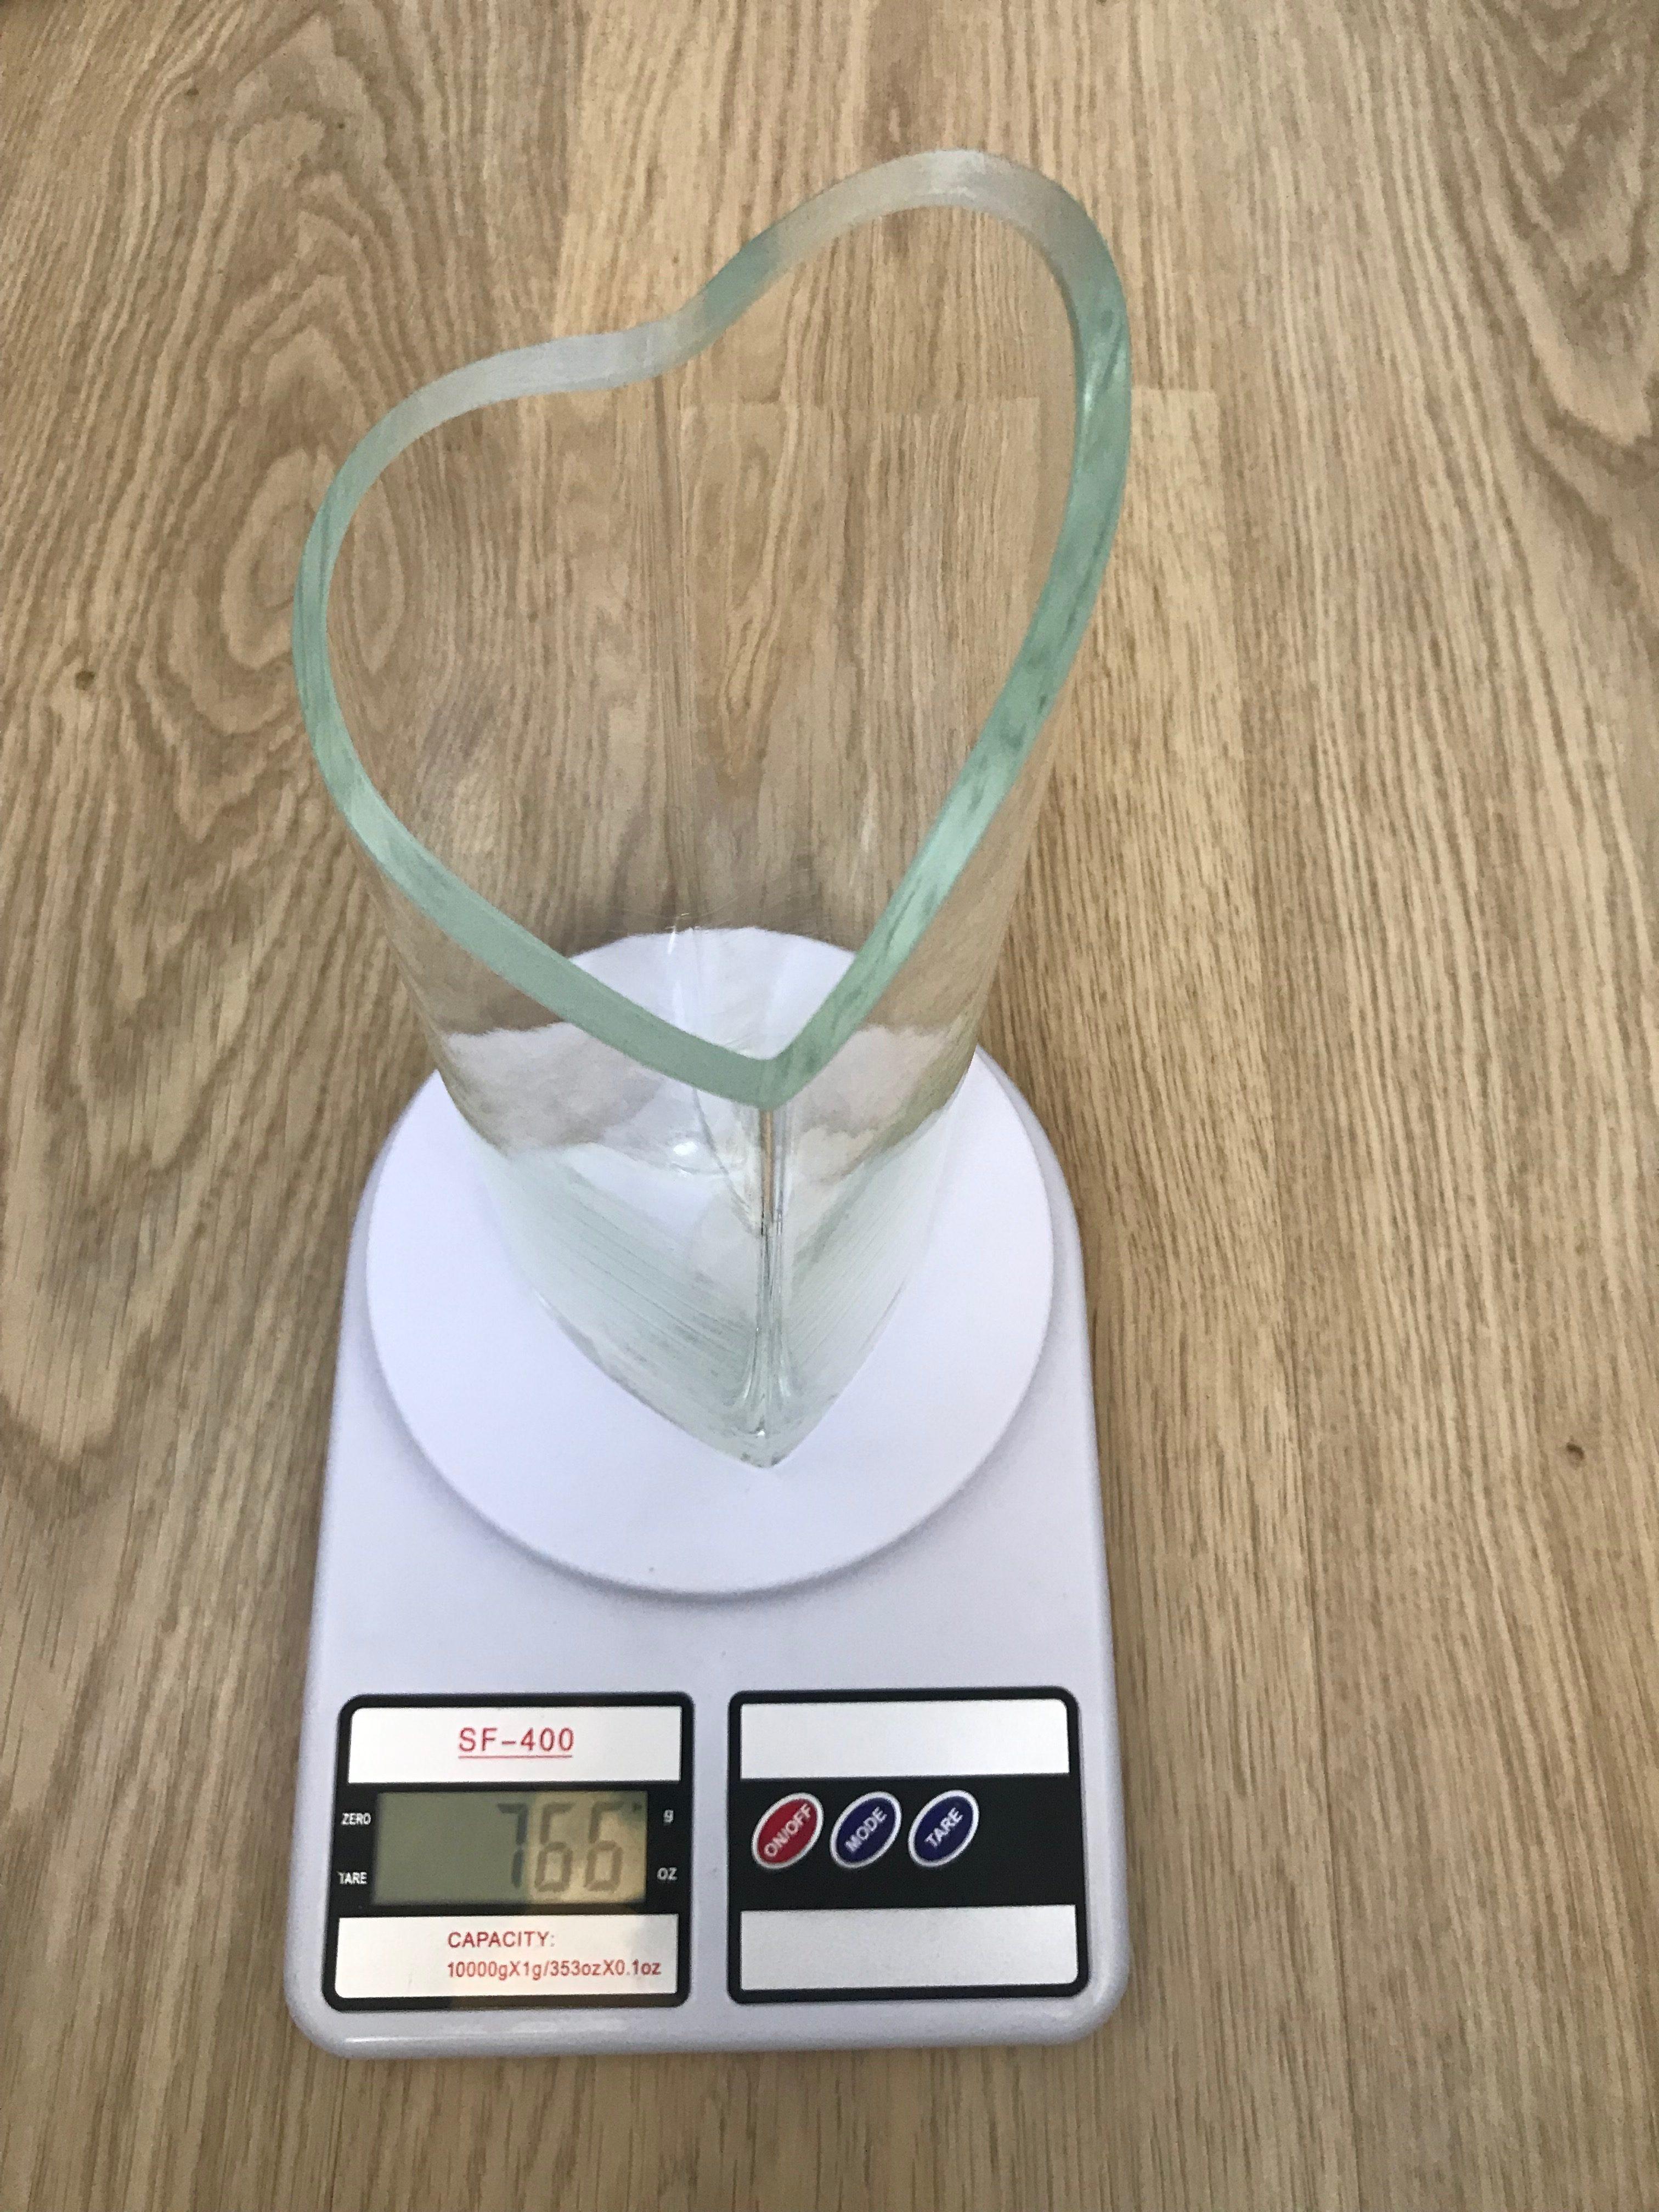 вес вазы стеклянной